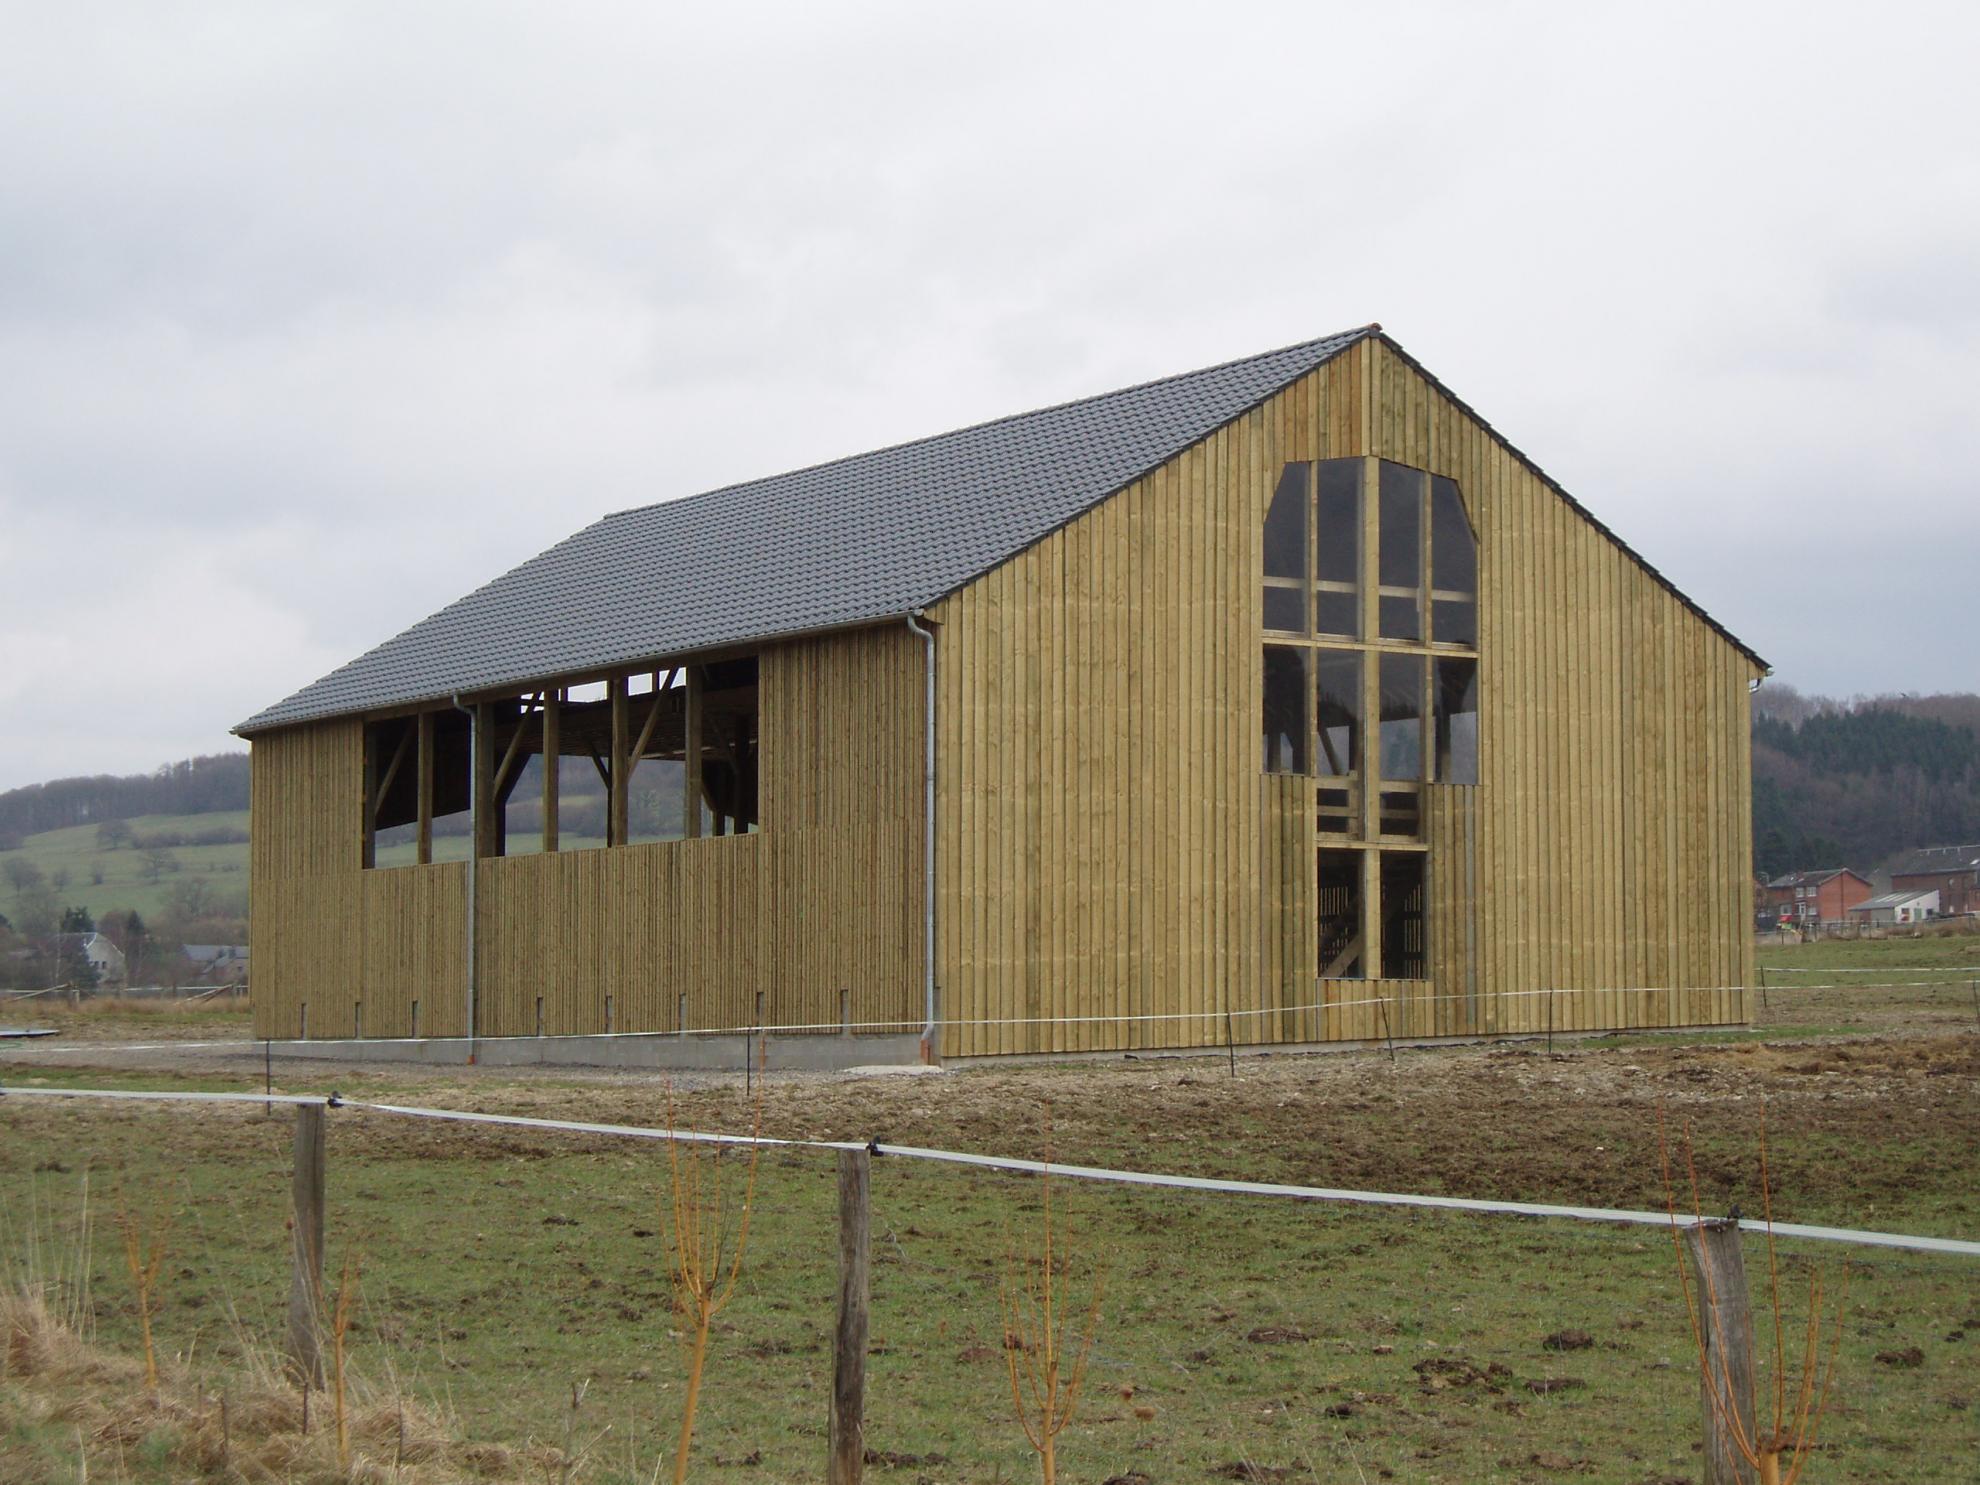 constructeur batiment hangar agricole et table en bois havelange province namur belgique